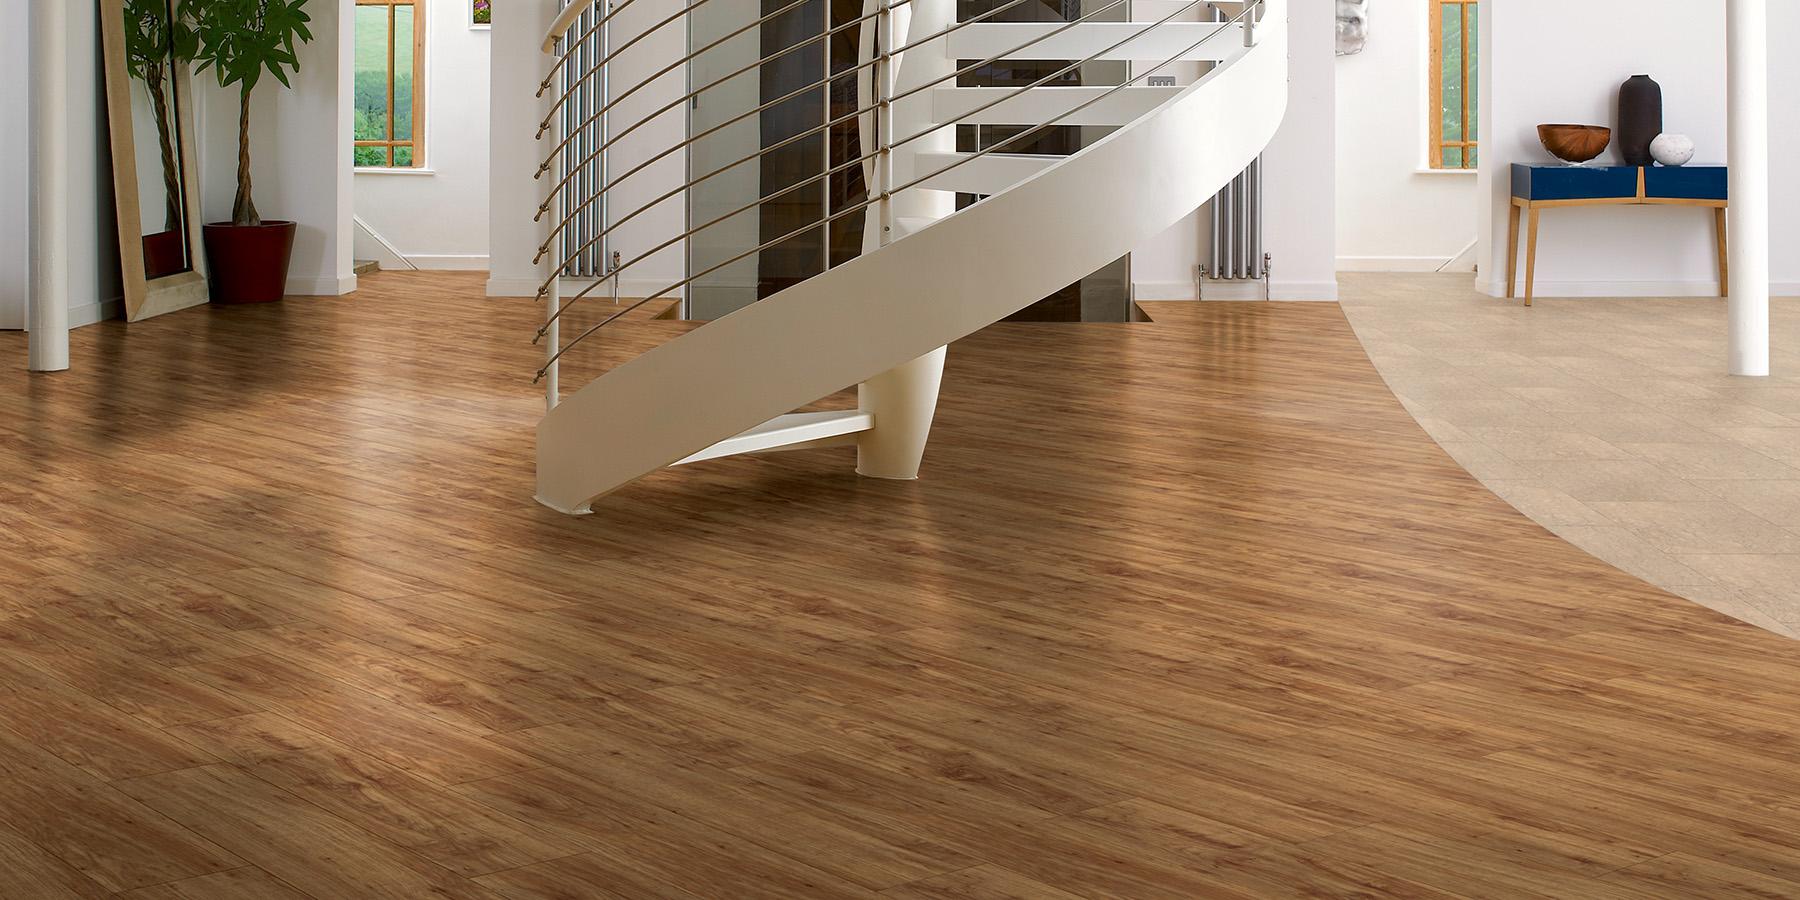 welche bodenbelge gibt es bodenbelag ideen laminat vorteile nachteile bodenbelag ideen laminat. Black Bedroom Furniture Sets. Home Design Ideas